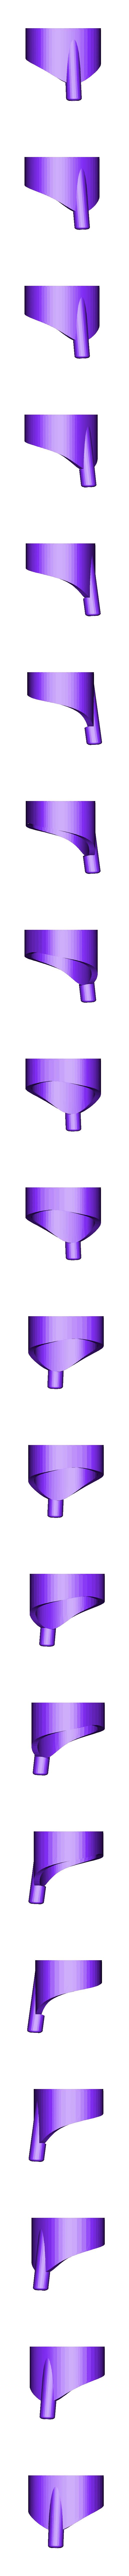 thimble4_part_1.stl Télécharger fichier STL gratuit Kara Kesh (arme de poing goa'uld) • Plan pour imprimante 3D, poblocki1982